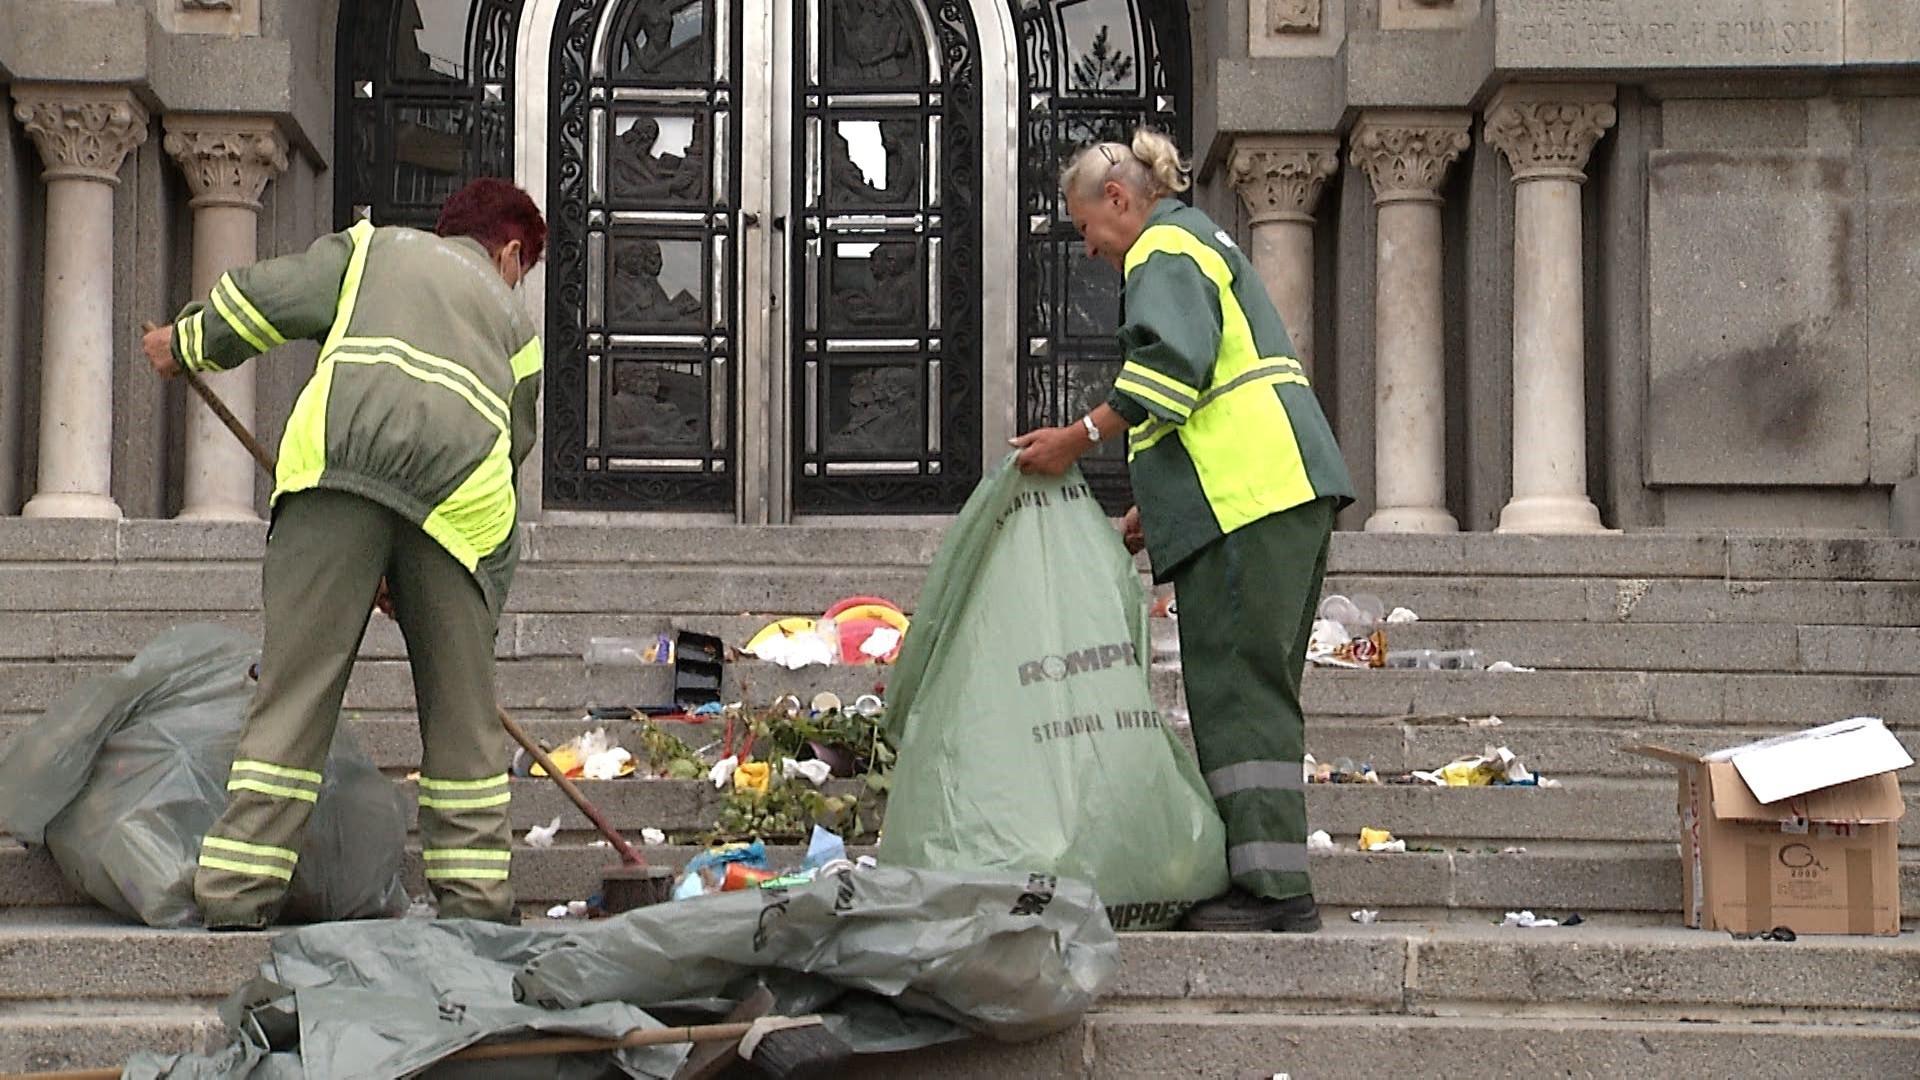 Soluțiile edililor la problema gunoiului din Bucureşti:o nouă groapă degunoi sau depozitarea deșeurilor în alte județe